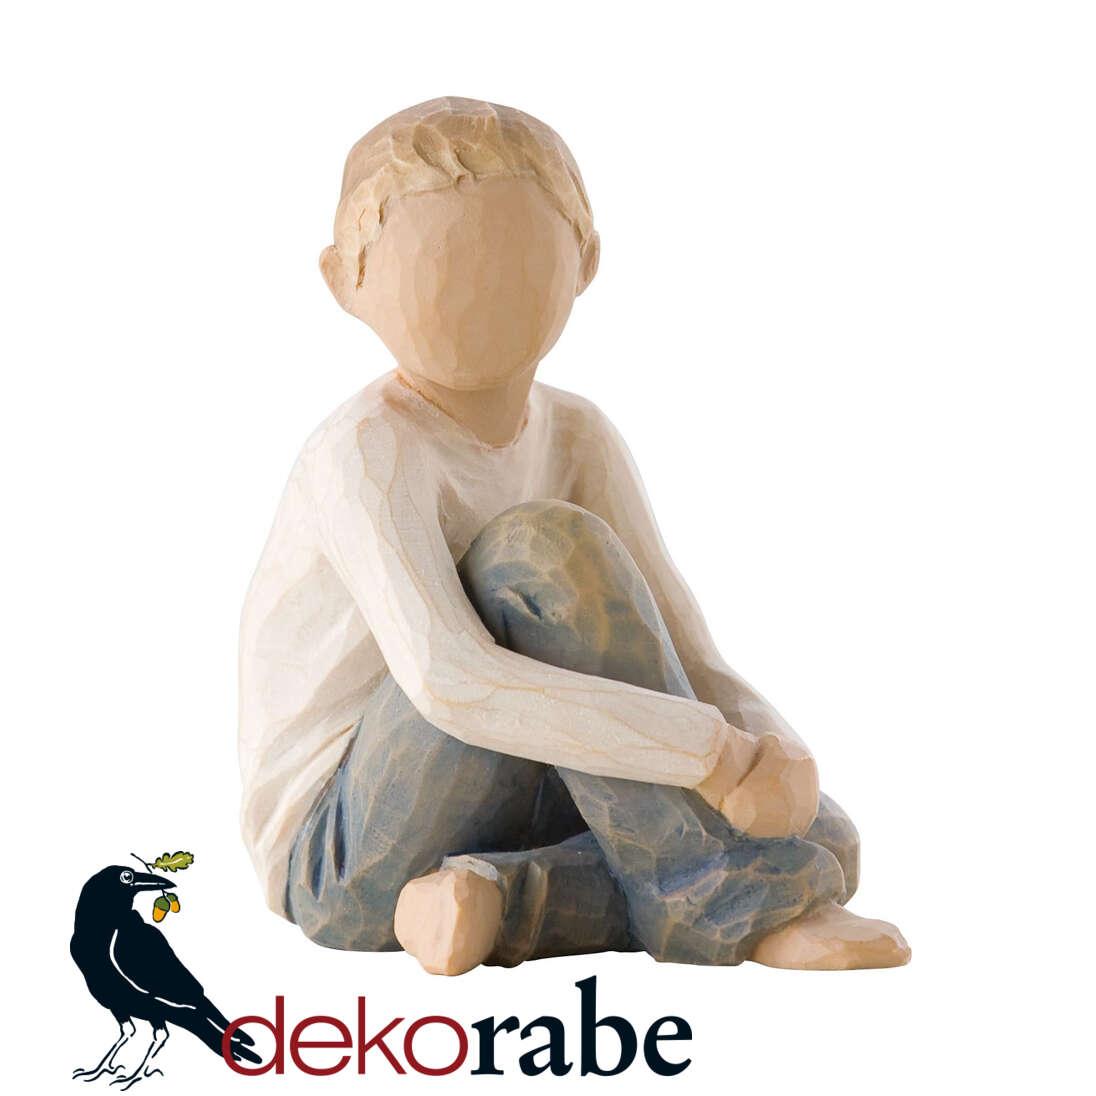 Fürsorgliches Kind Kinderfigur